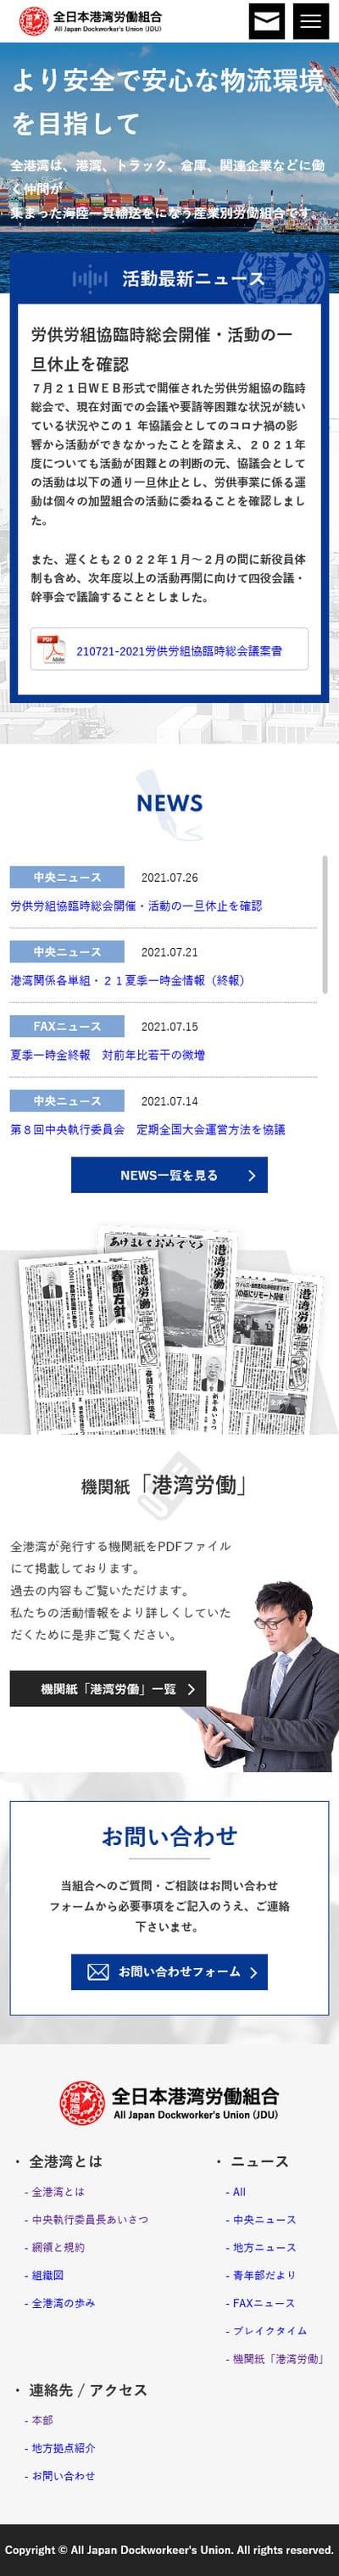 全日本港湾労働組合